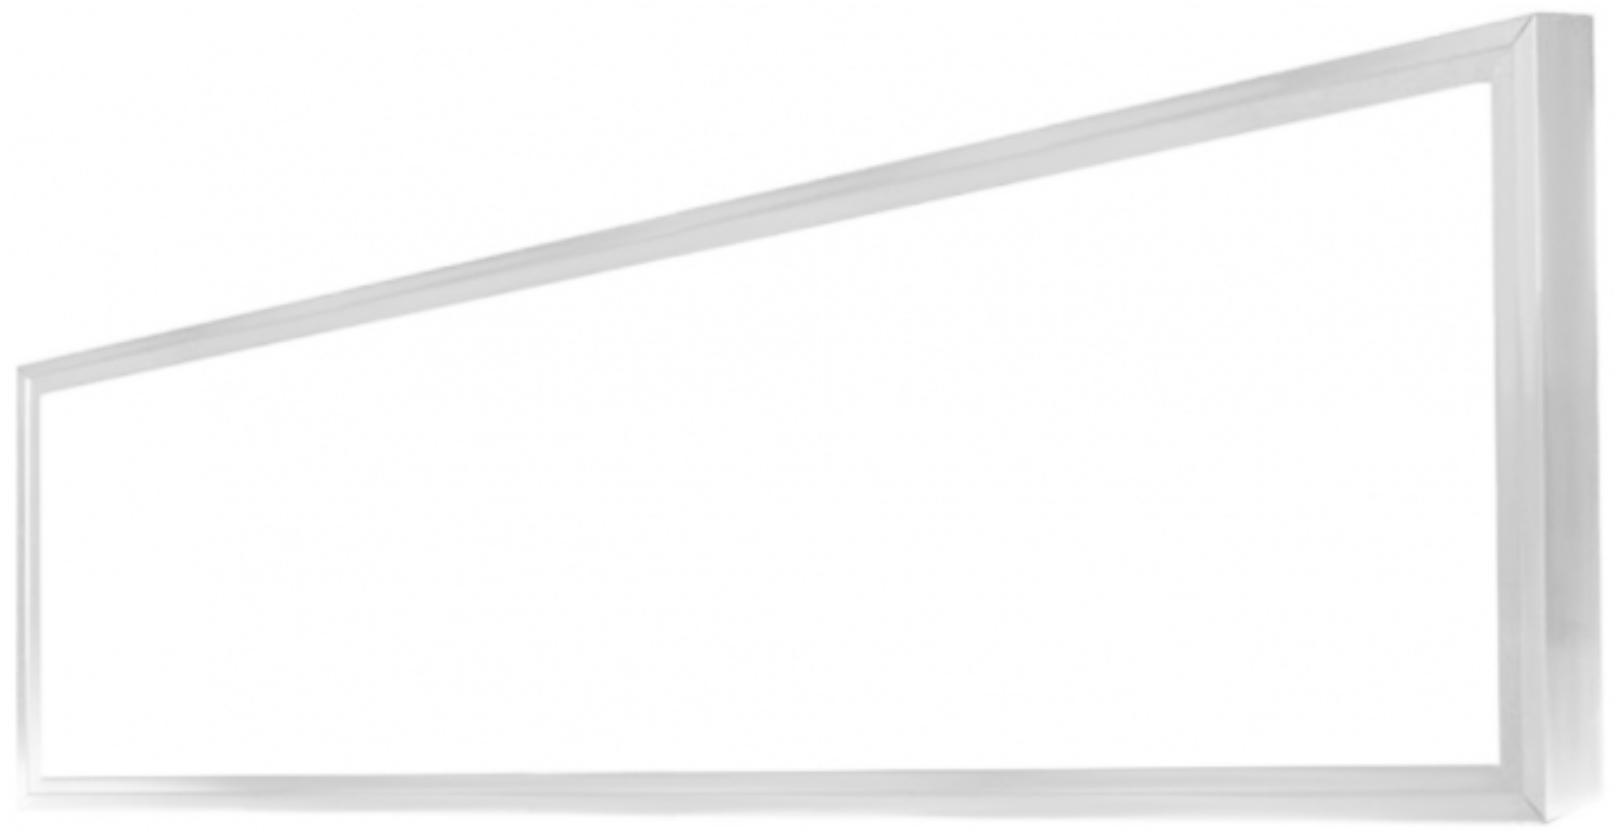 Weisser LED Panel mit Rahmen 300 x 1200mm 48W Warmweiß